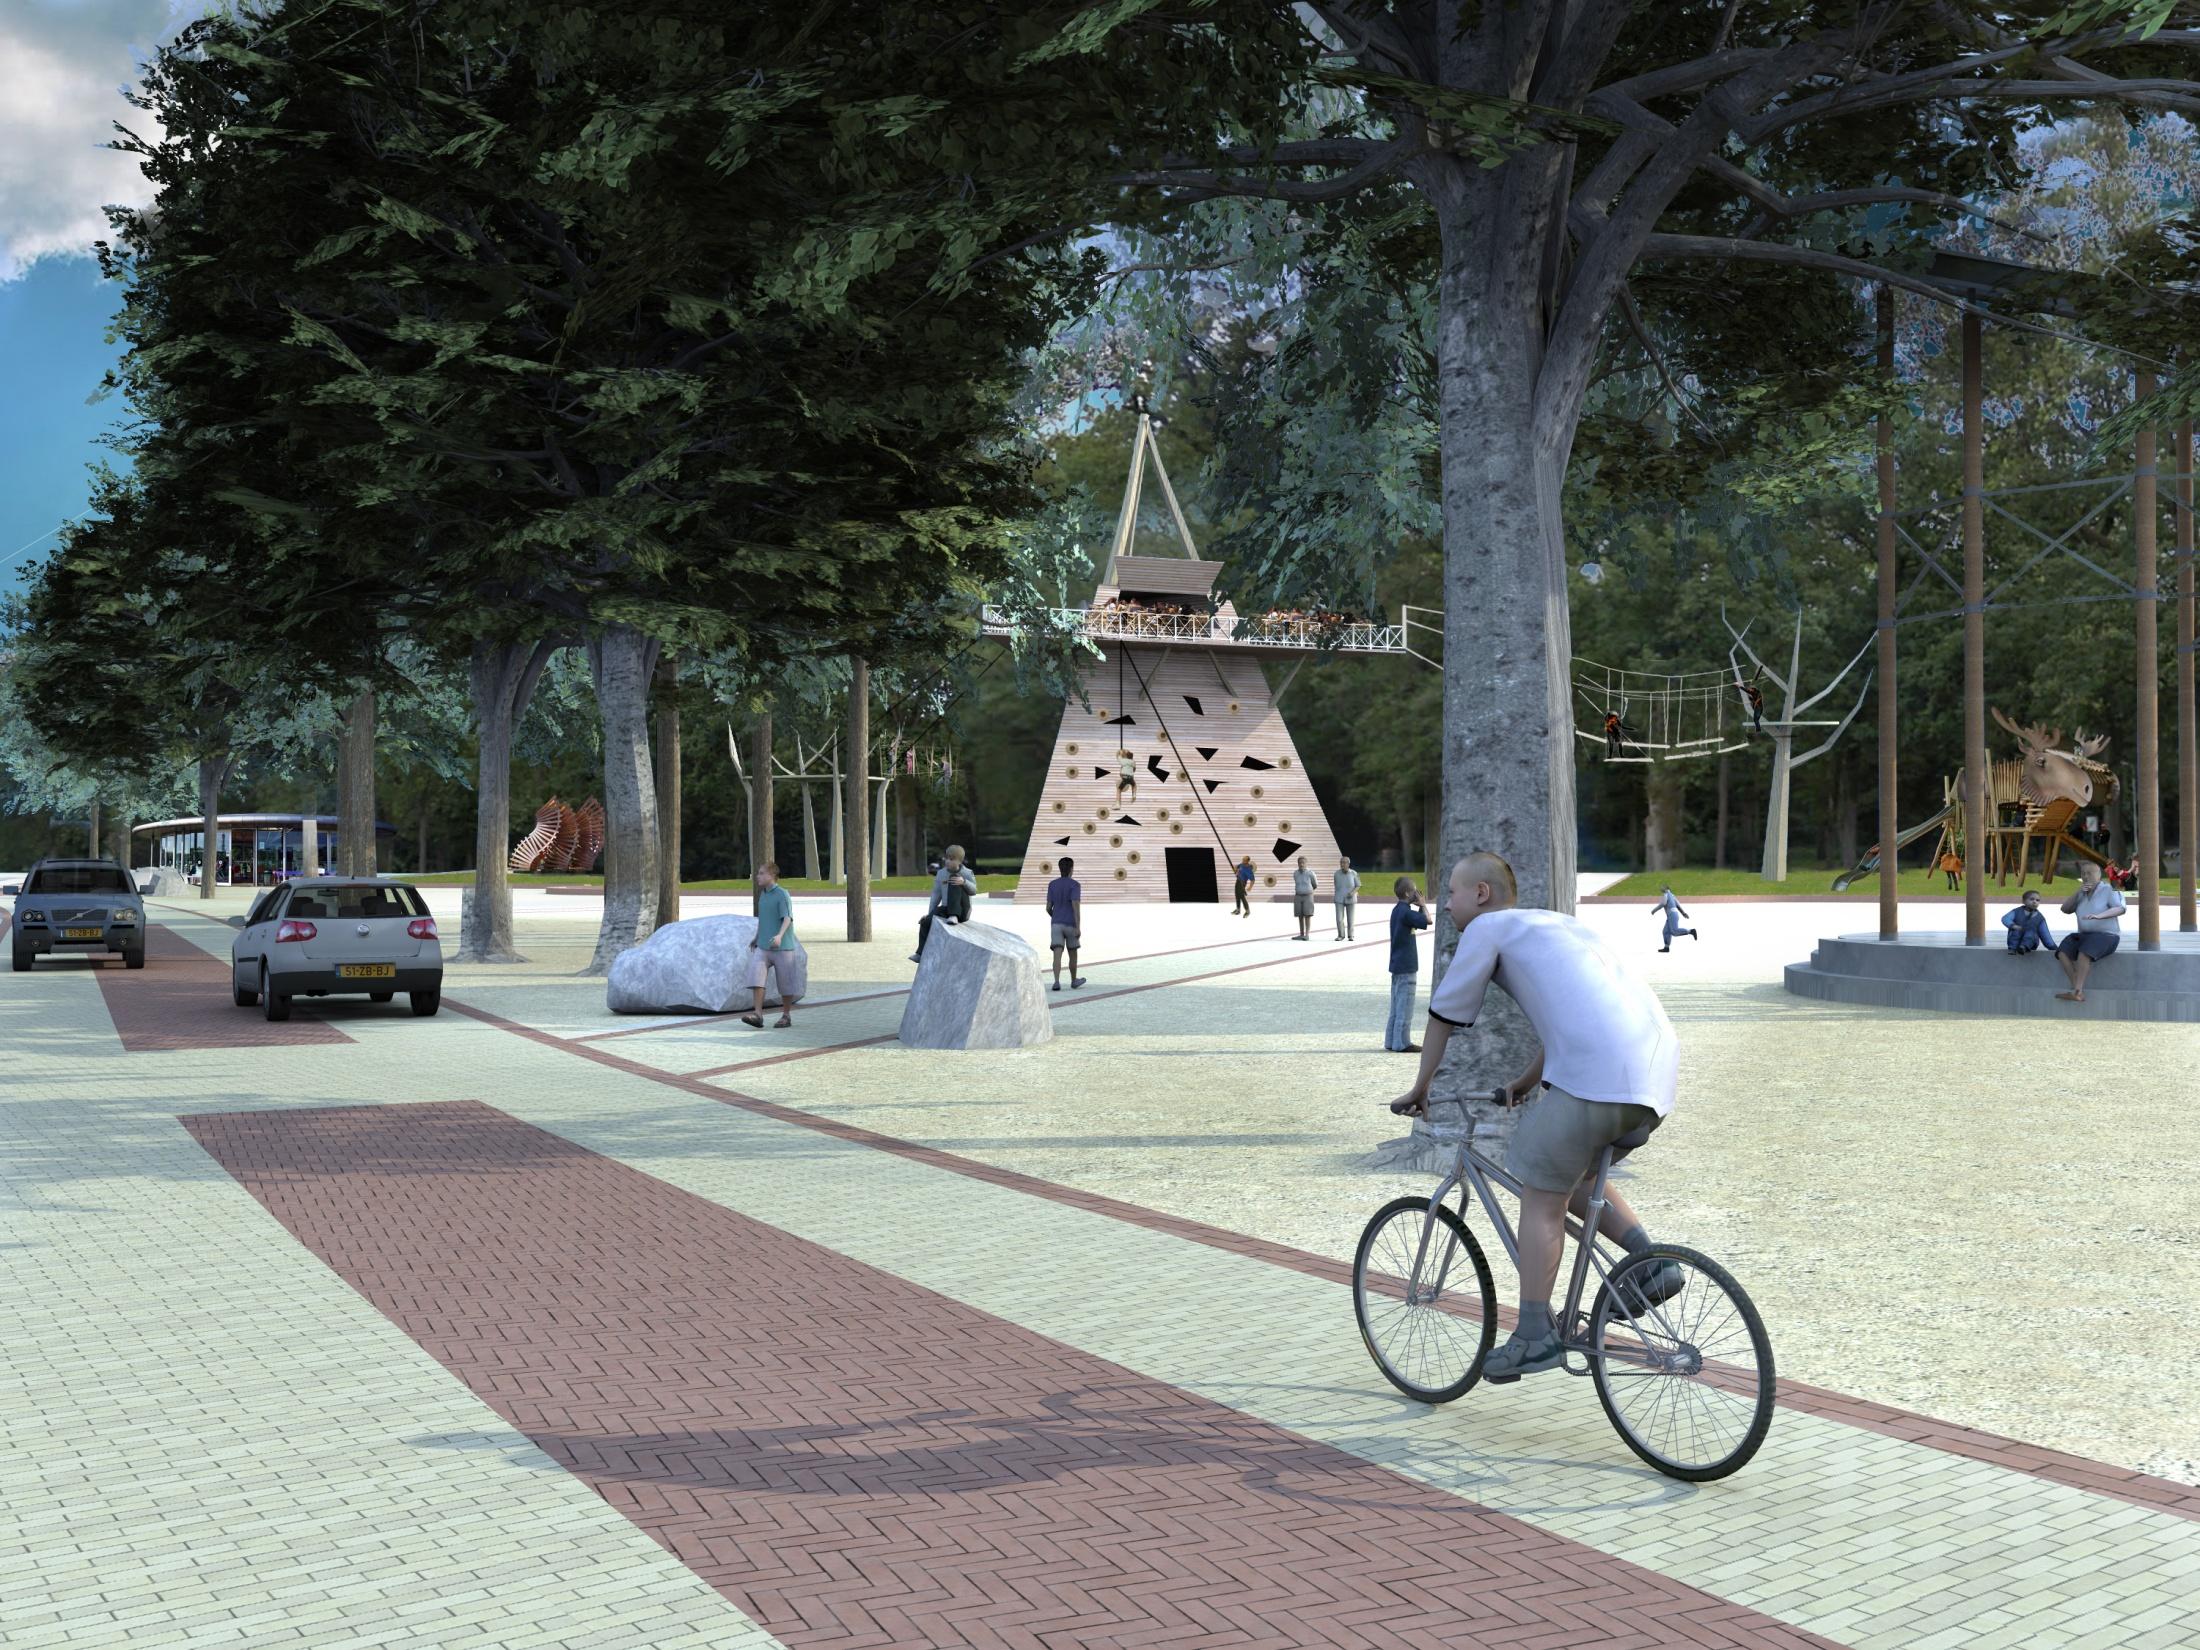 Beoordeling beste stedebouwkundig ontwerp Boerestreek Appelscha